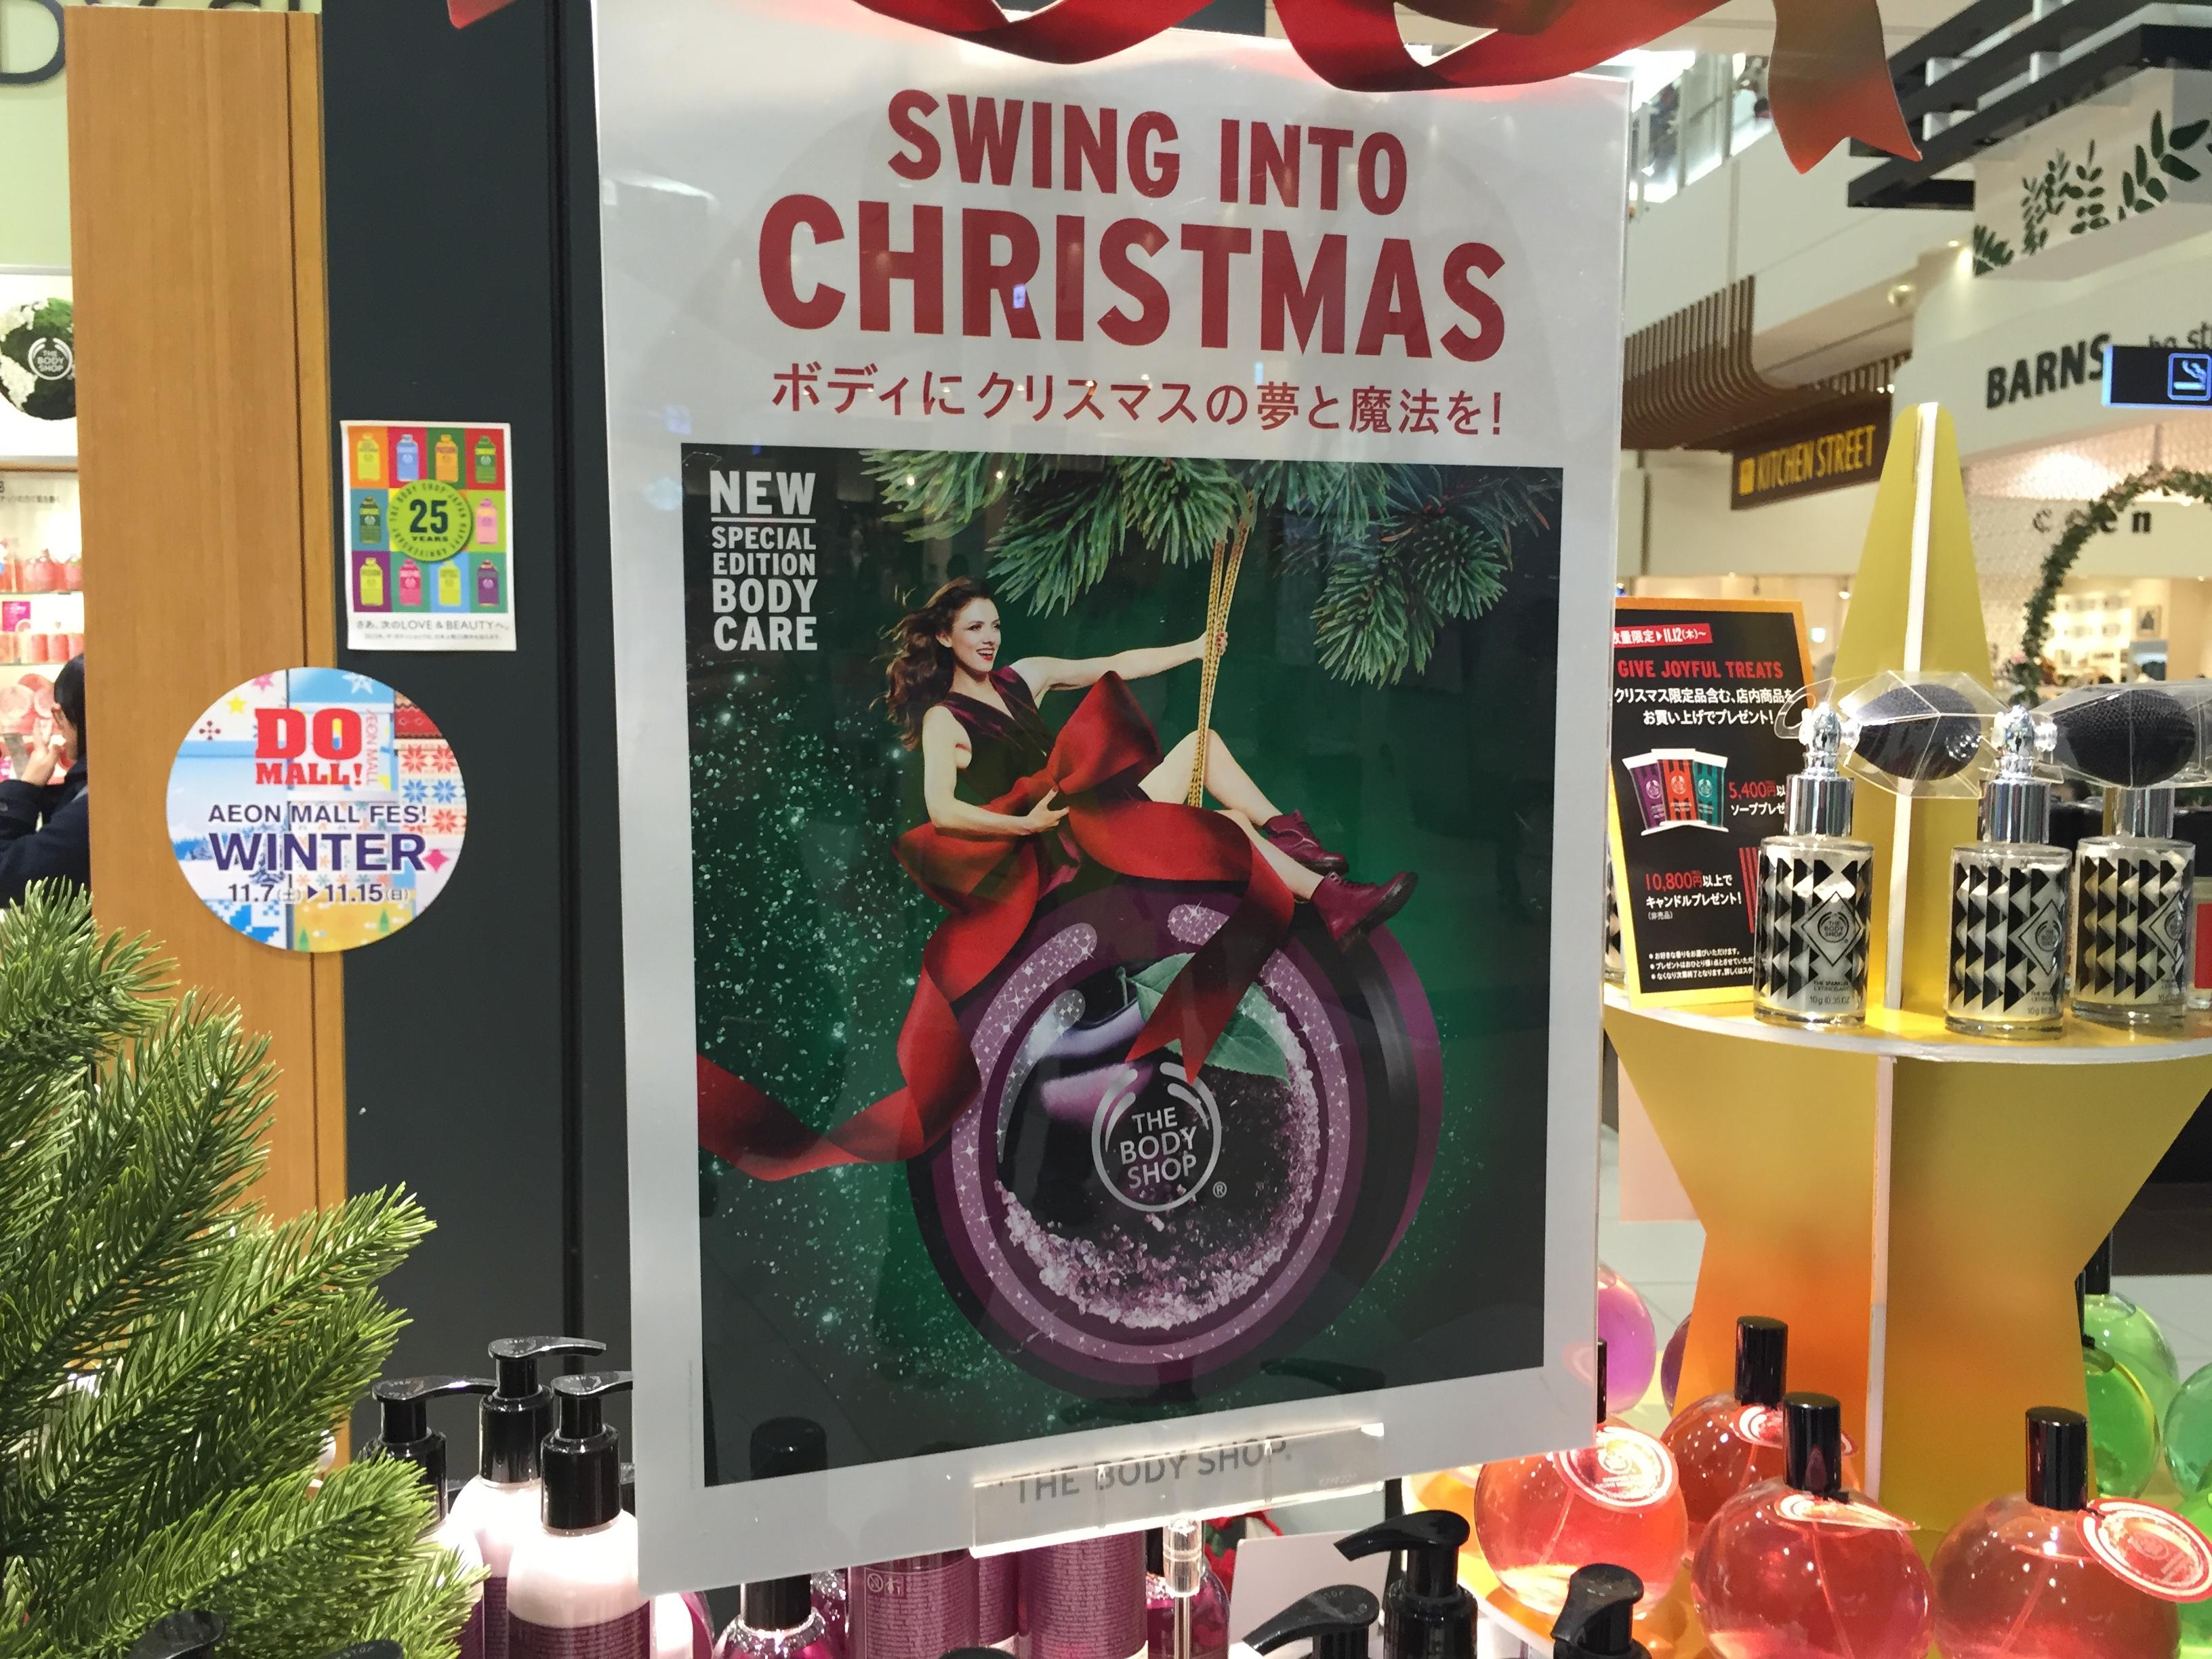 クリスマス限定・THE BODY SHOP(ボディーショップ)から数量限定ボディーバターの登場。スキンケアでアロマ気分を味わおう。